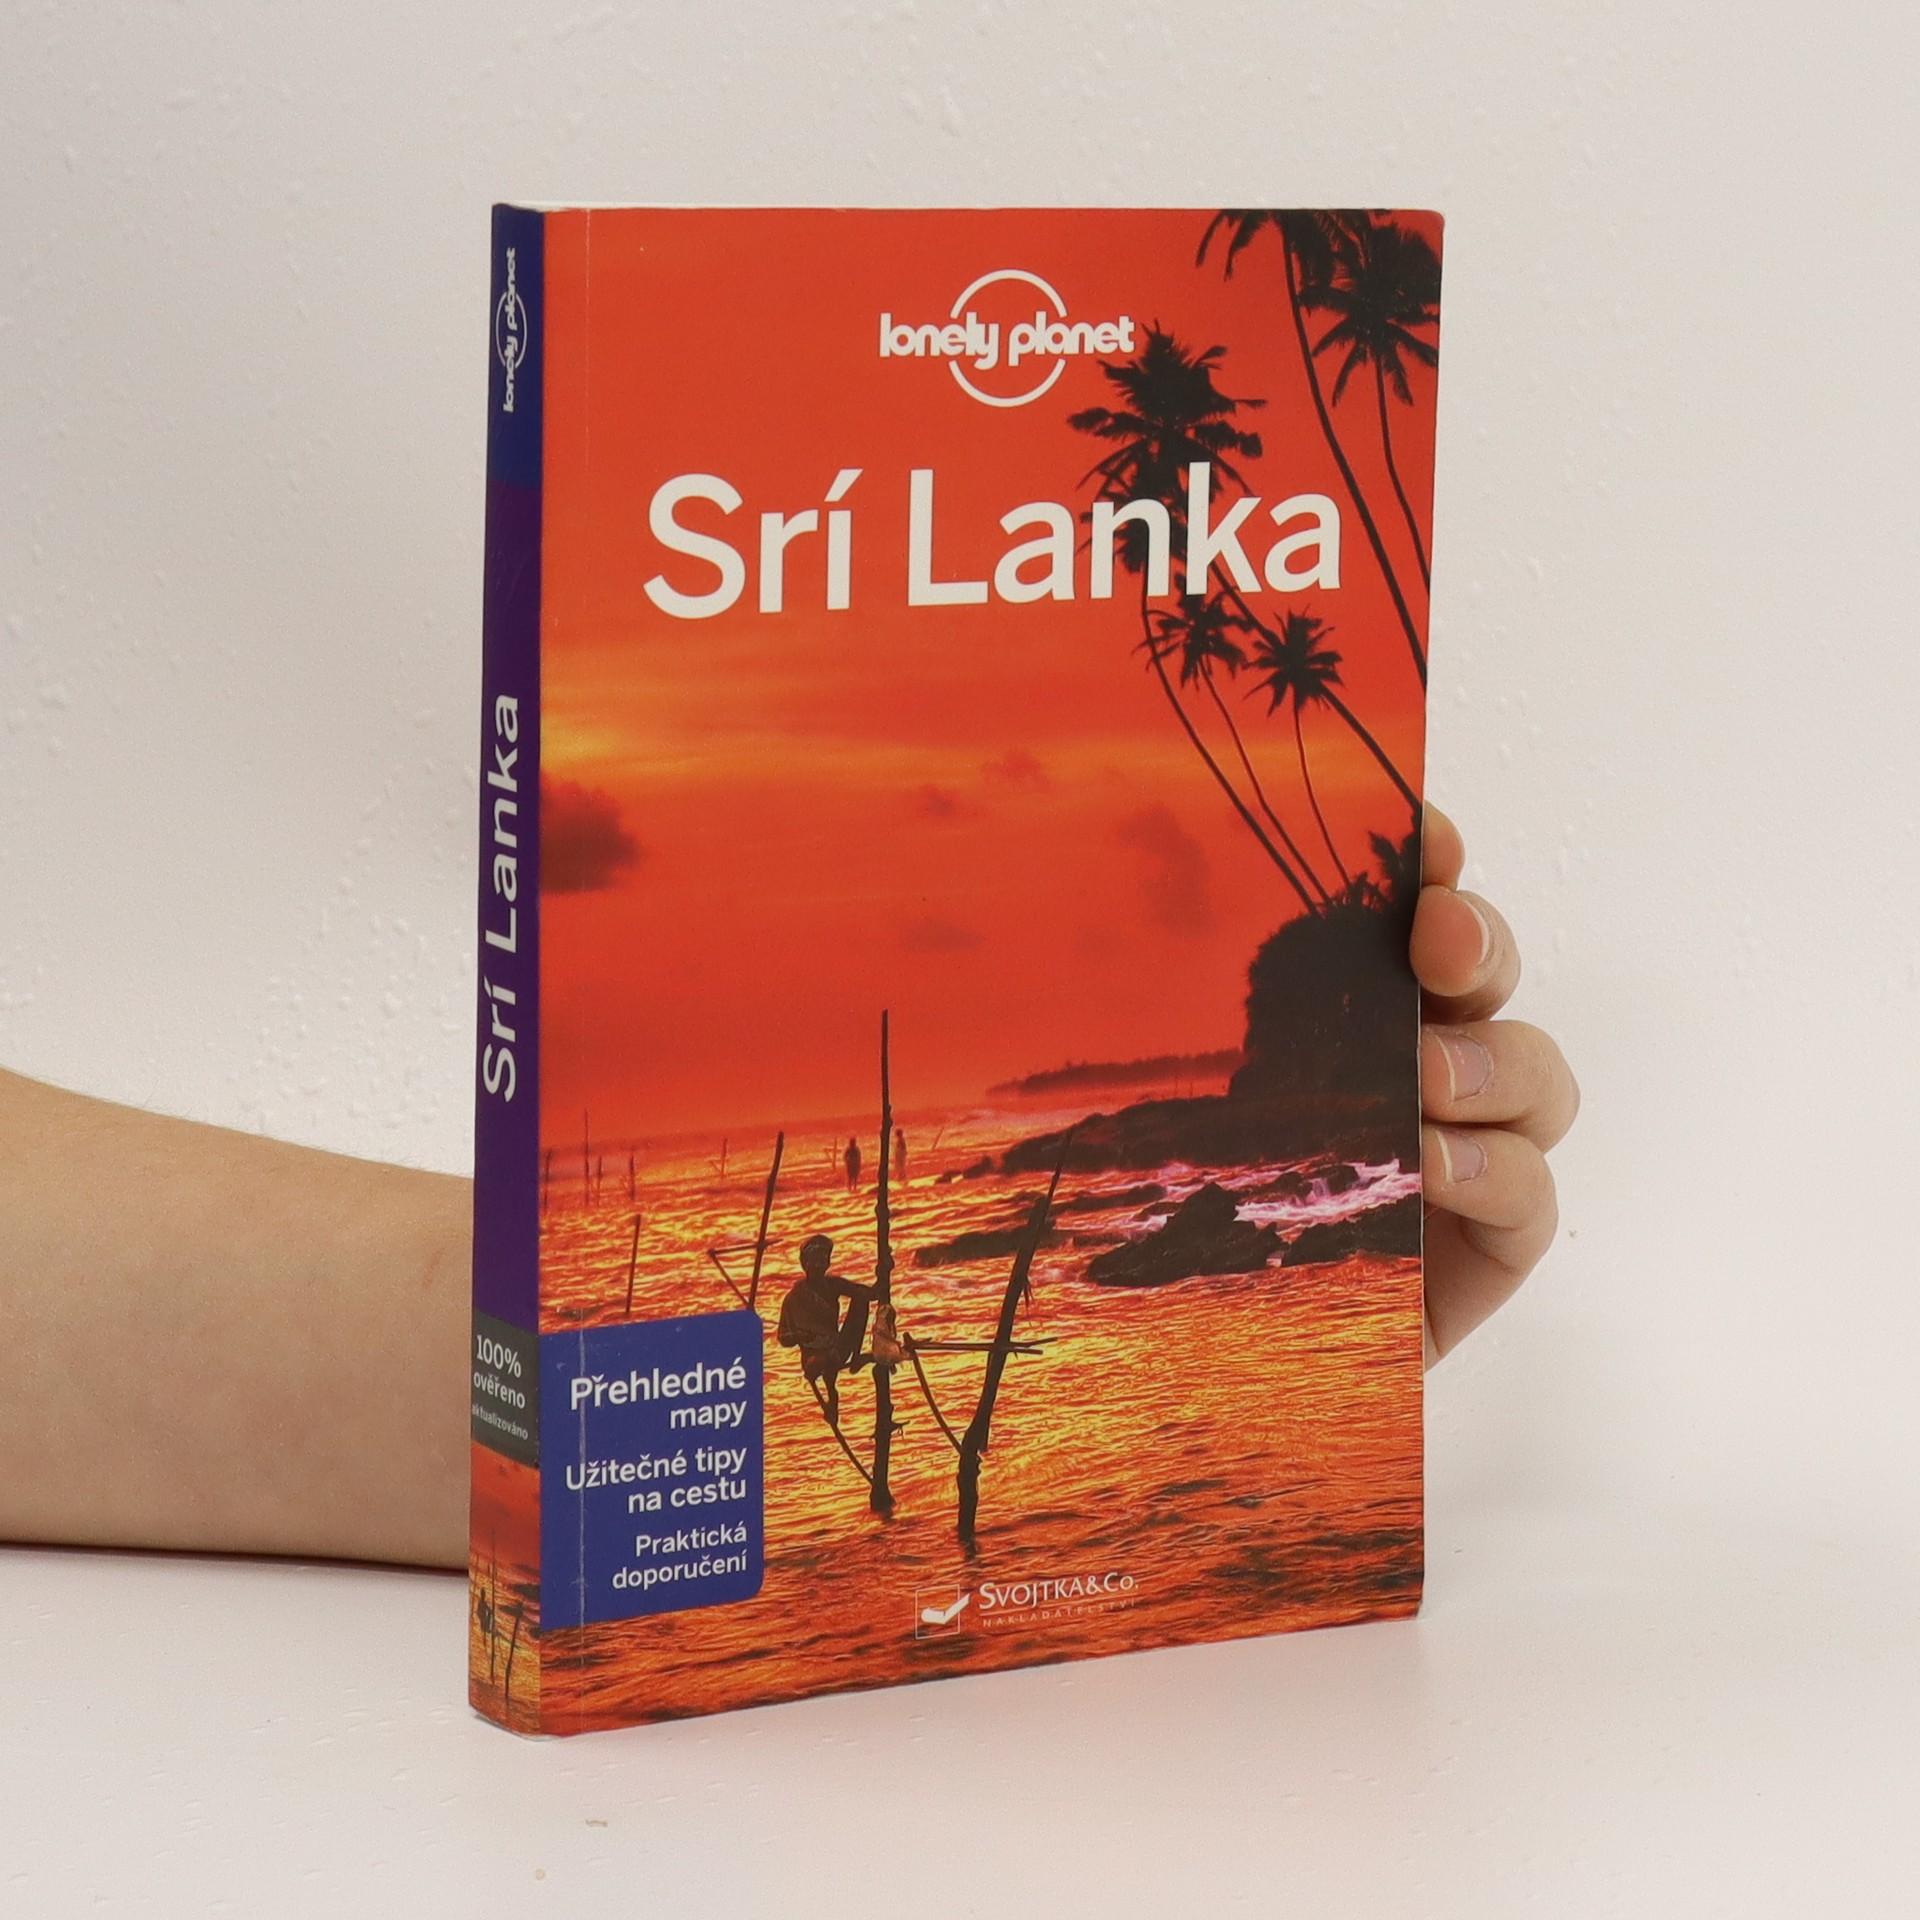 antikvární kniha Srí Lanka, 2015